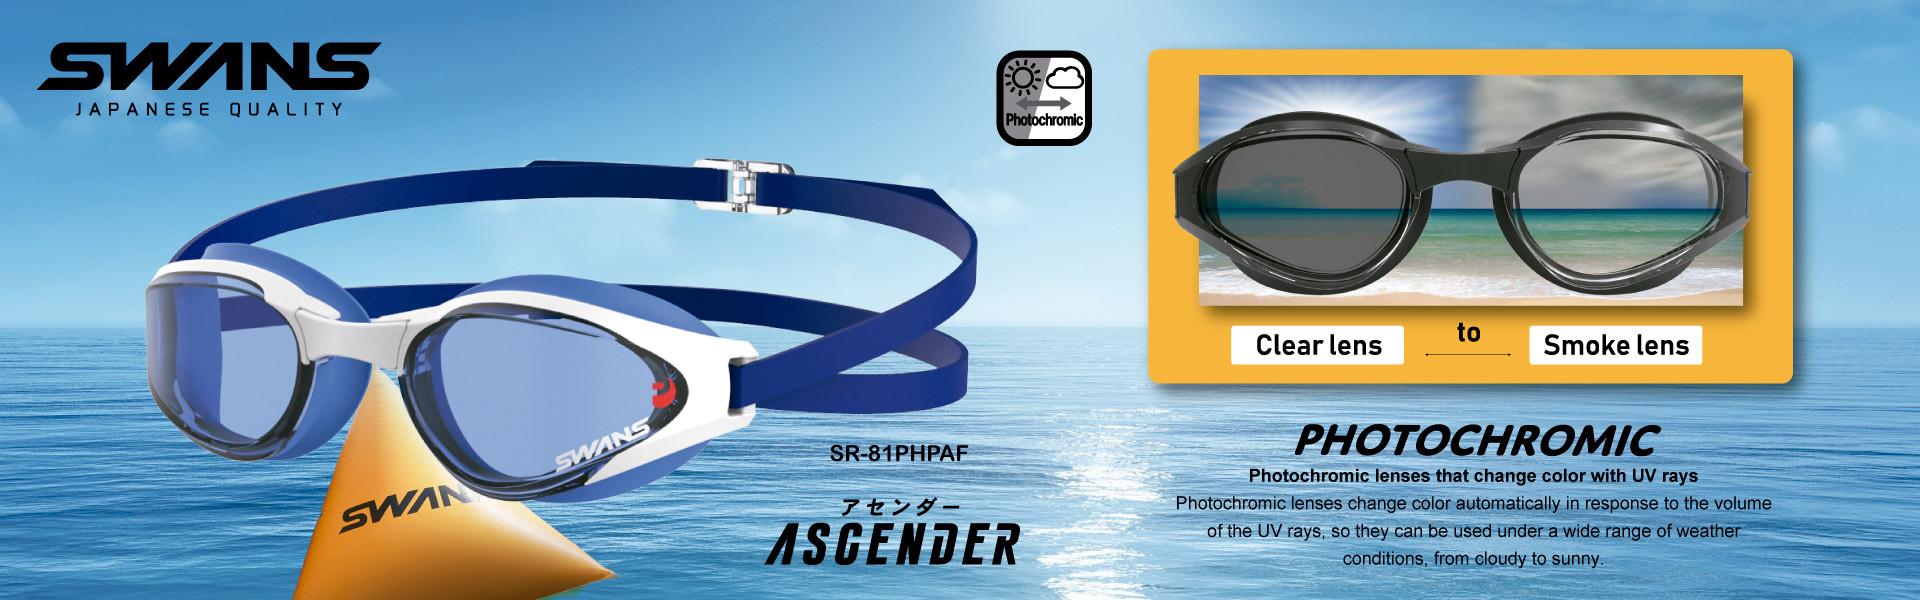 SWANS-BRASIL---Ascender-SR-81PHPAF---Ban